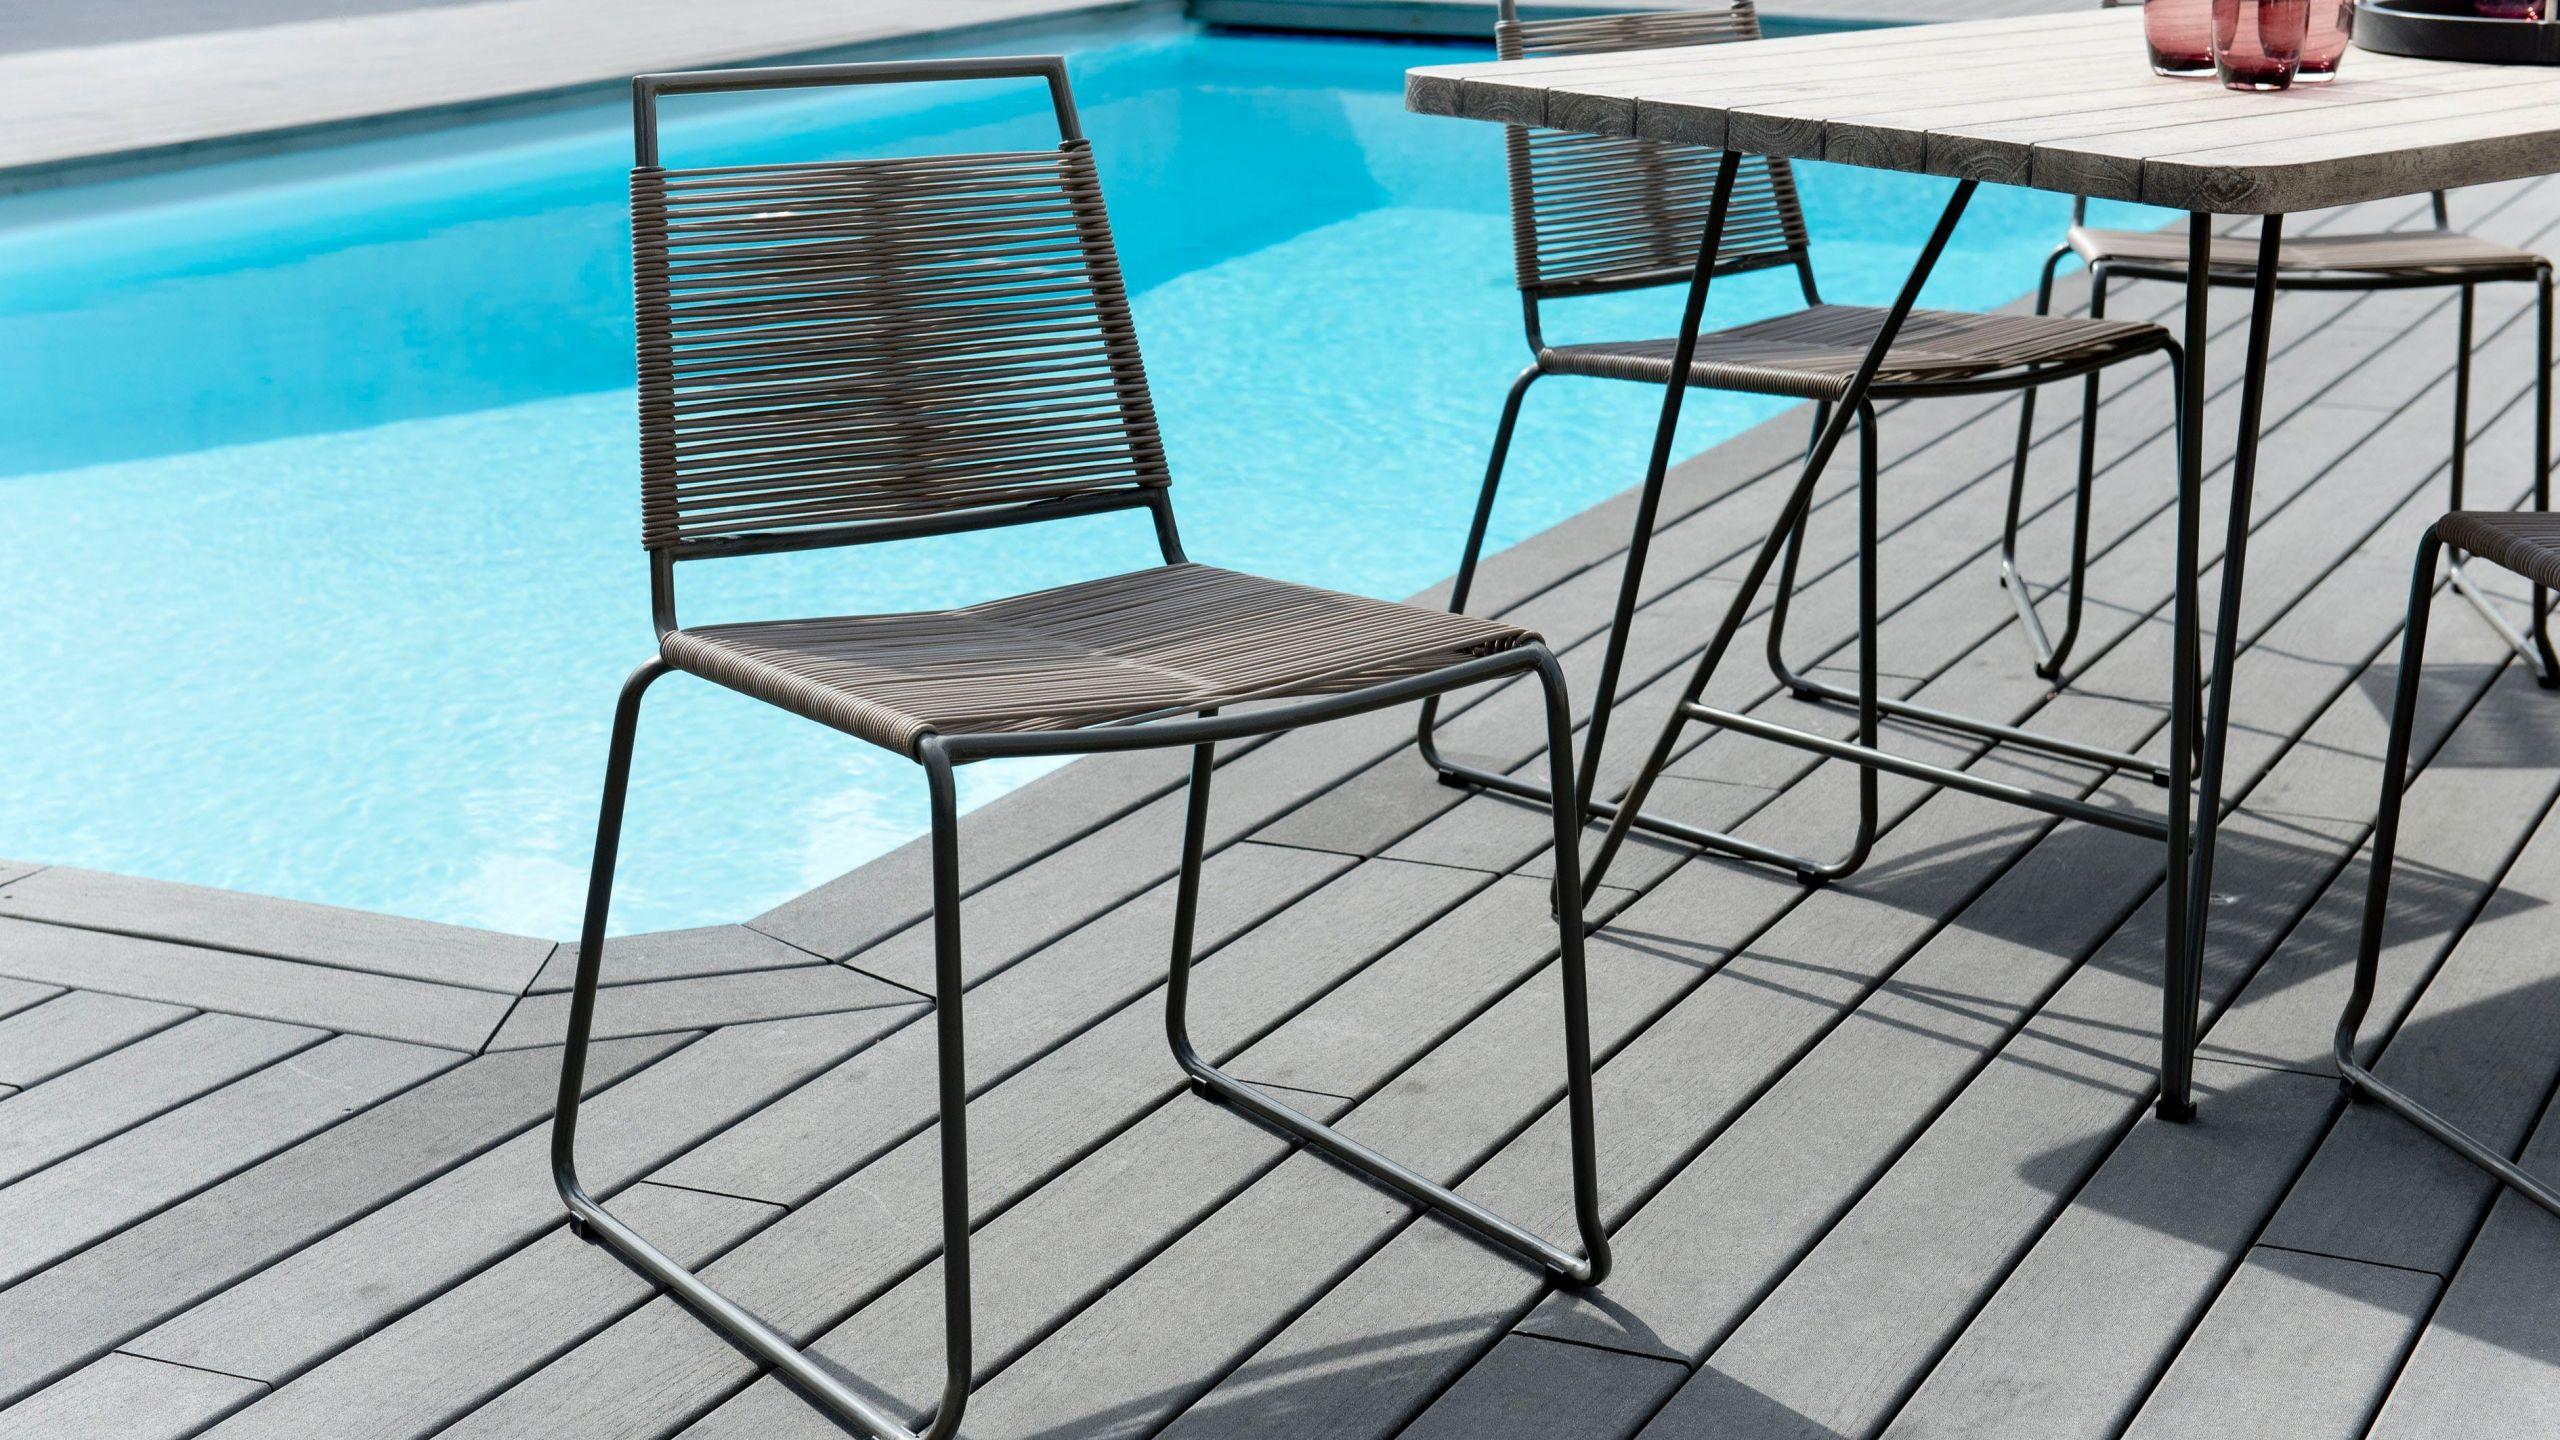 Housse Pour Salon De Jardin En Resine Tressee Best Of Mobilier De Jardin Salon De Jardin Chaise Longue